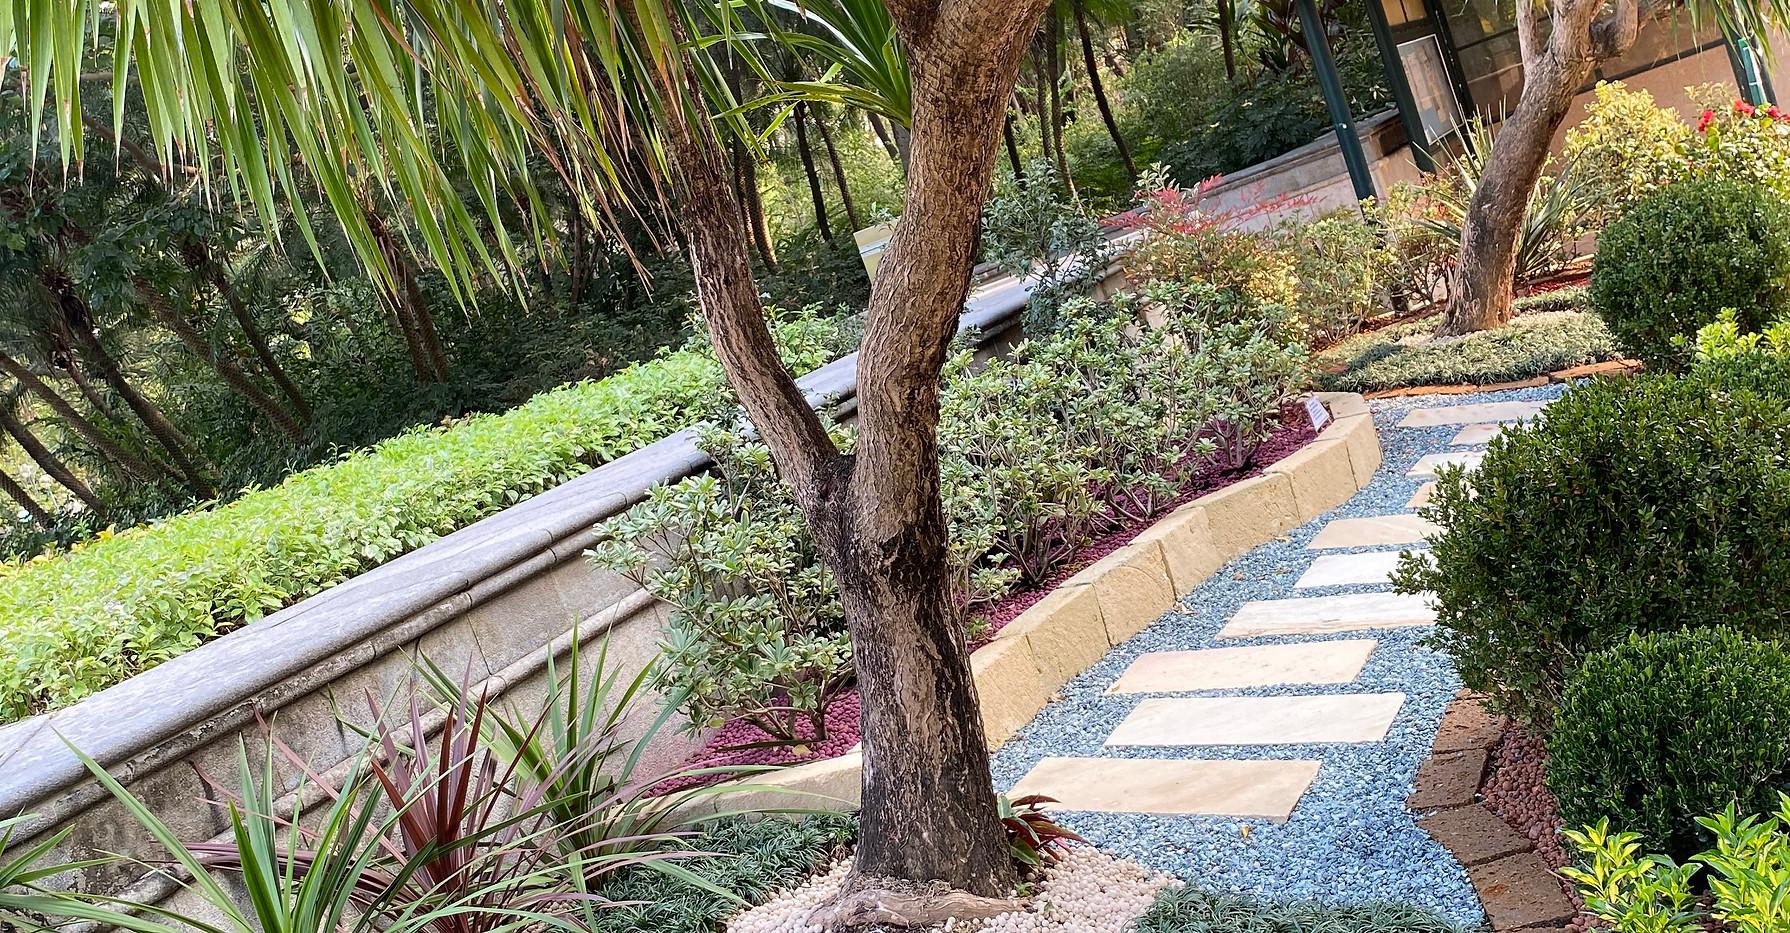 Garden Design 2020-10-19-16-56-27 Caball